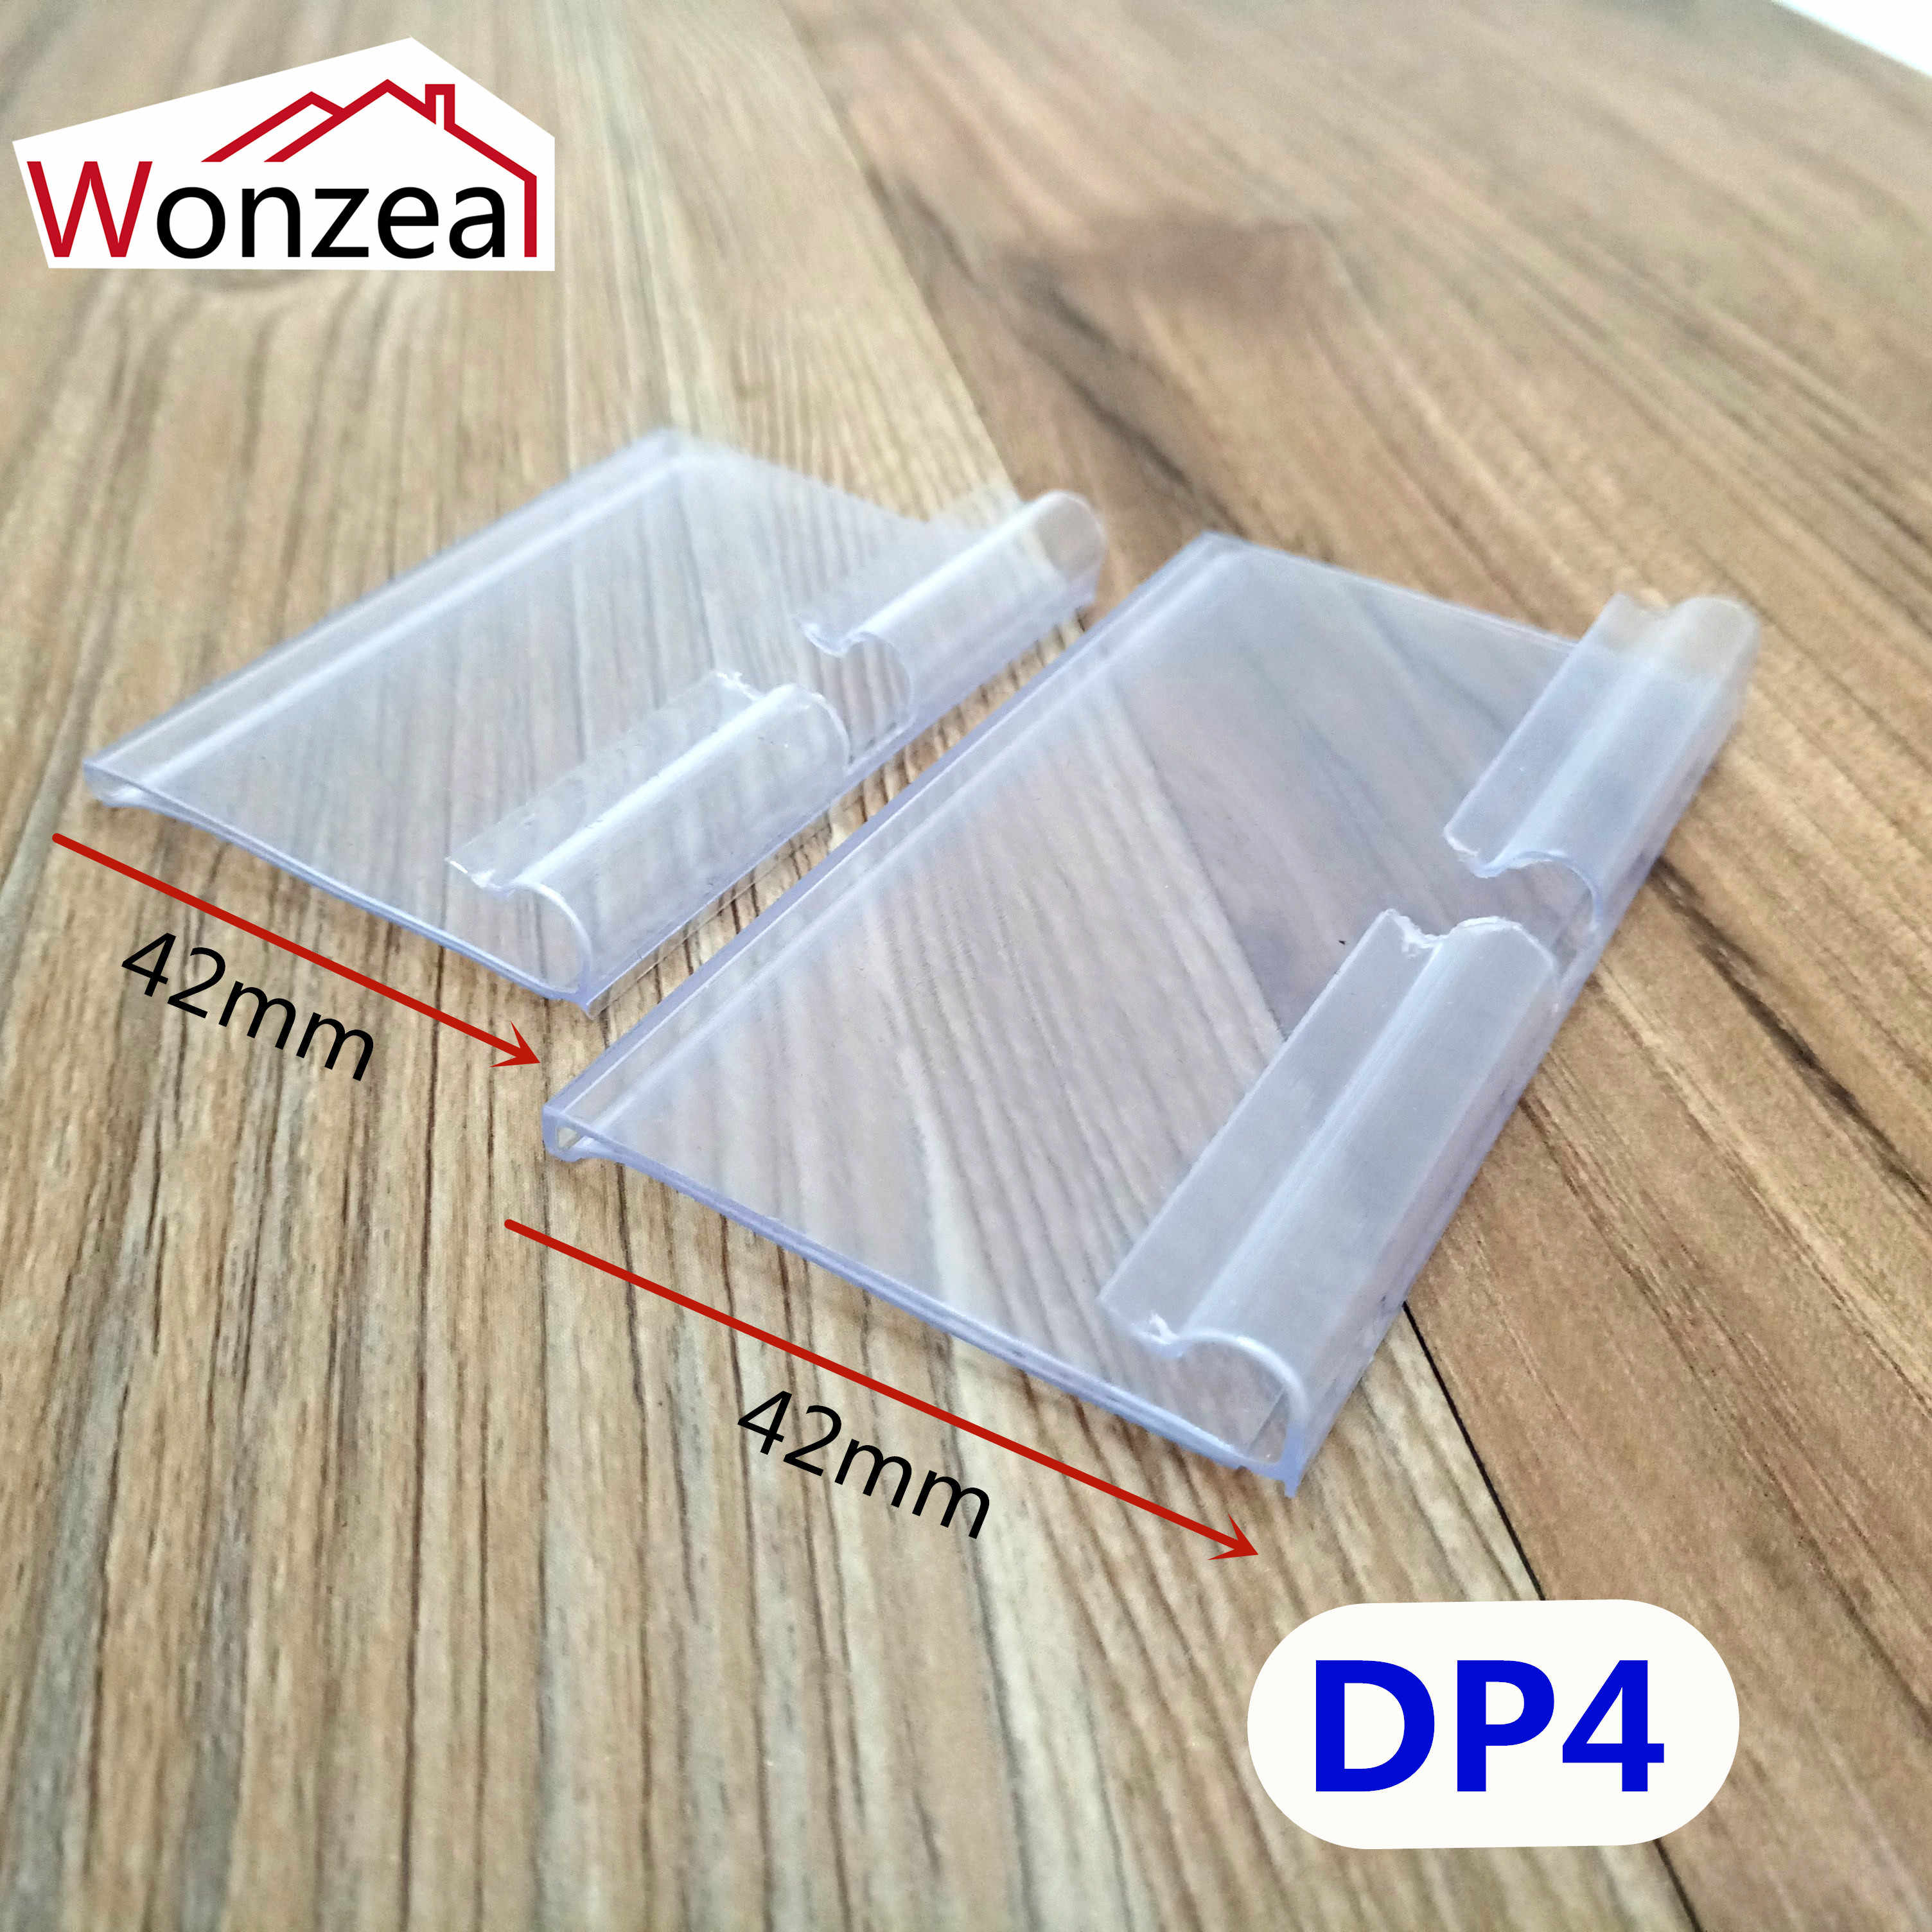 10 sztuk jasne z tworzywa sztucznego PVC metka z ceną znak etykieta wyświetlacz uchwyt pogrubienie dla regał sklepowy wieszak lub w supermarkecie